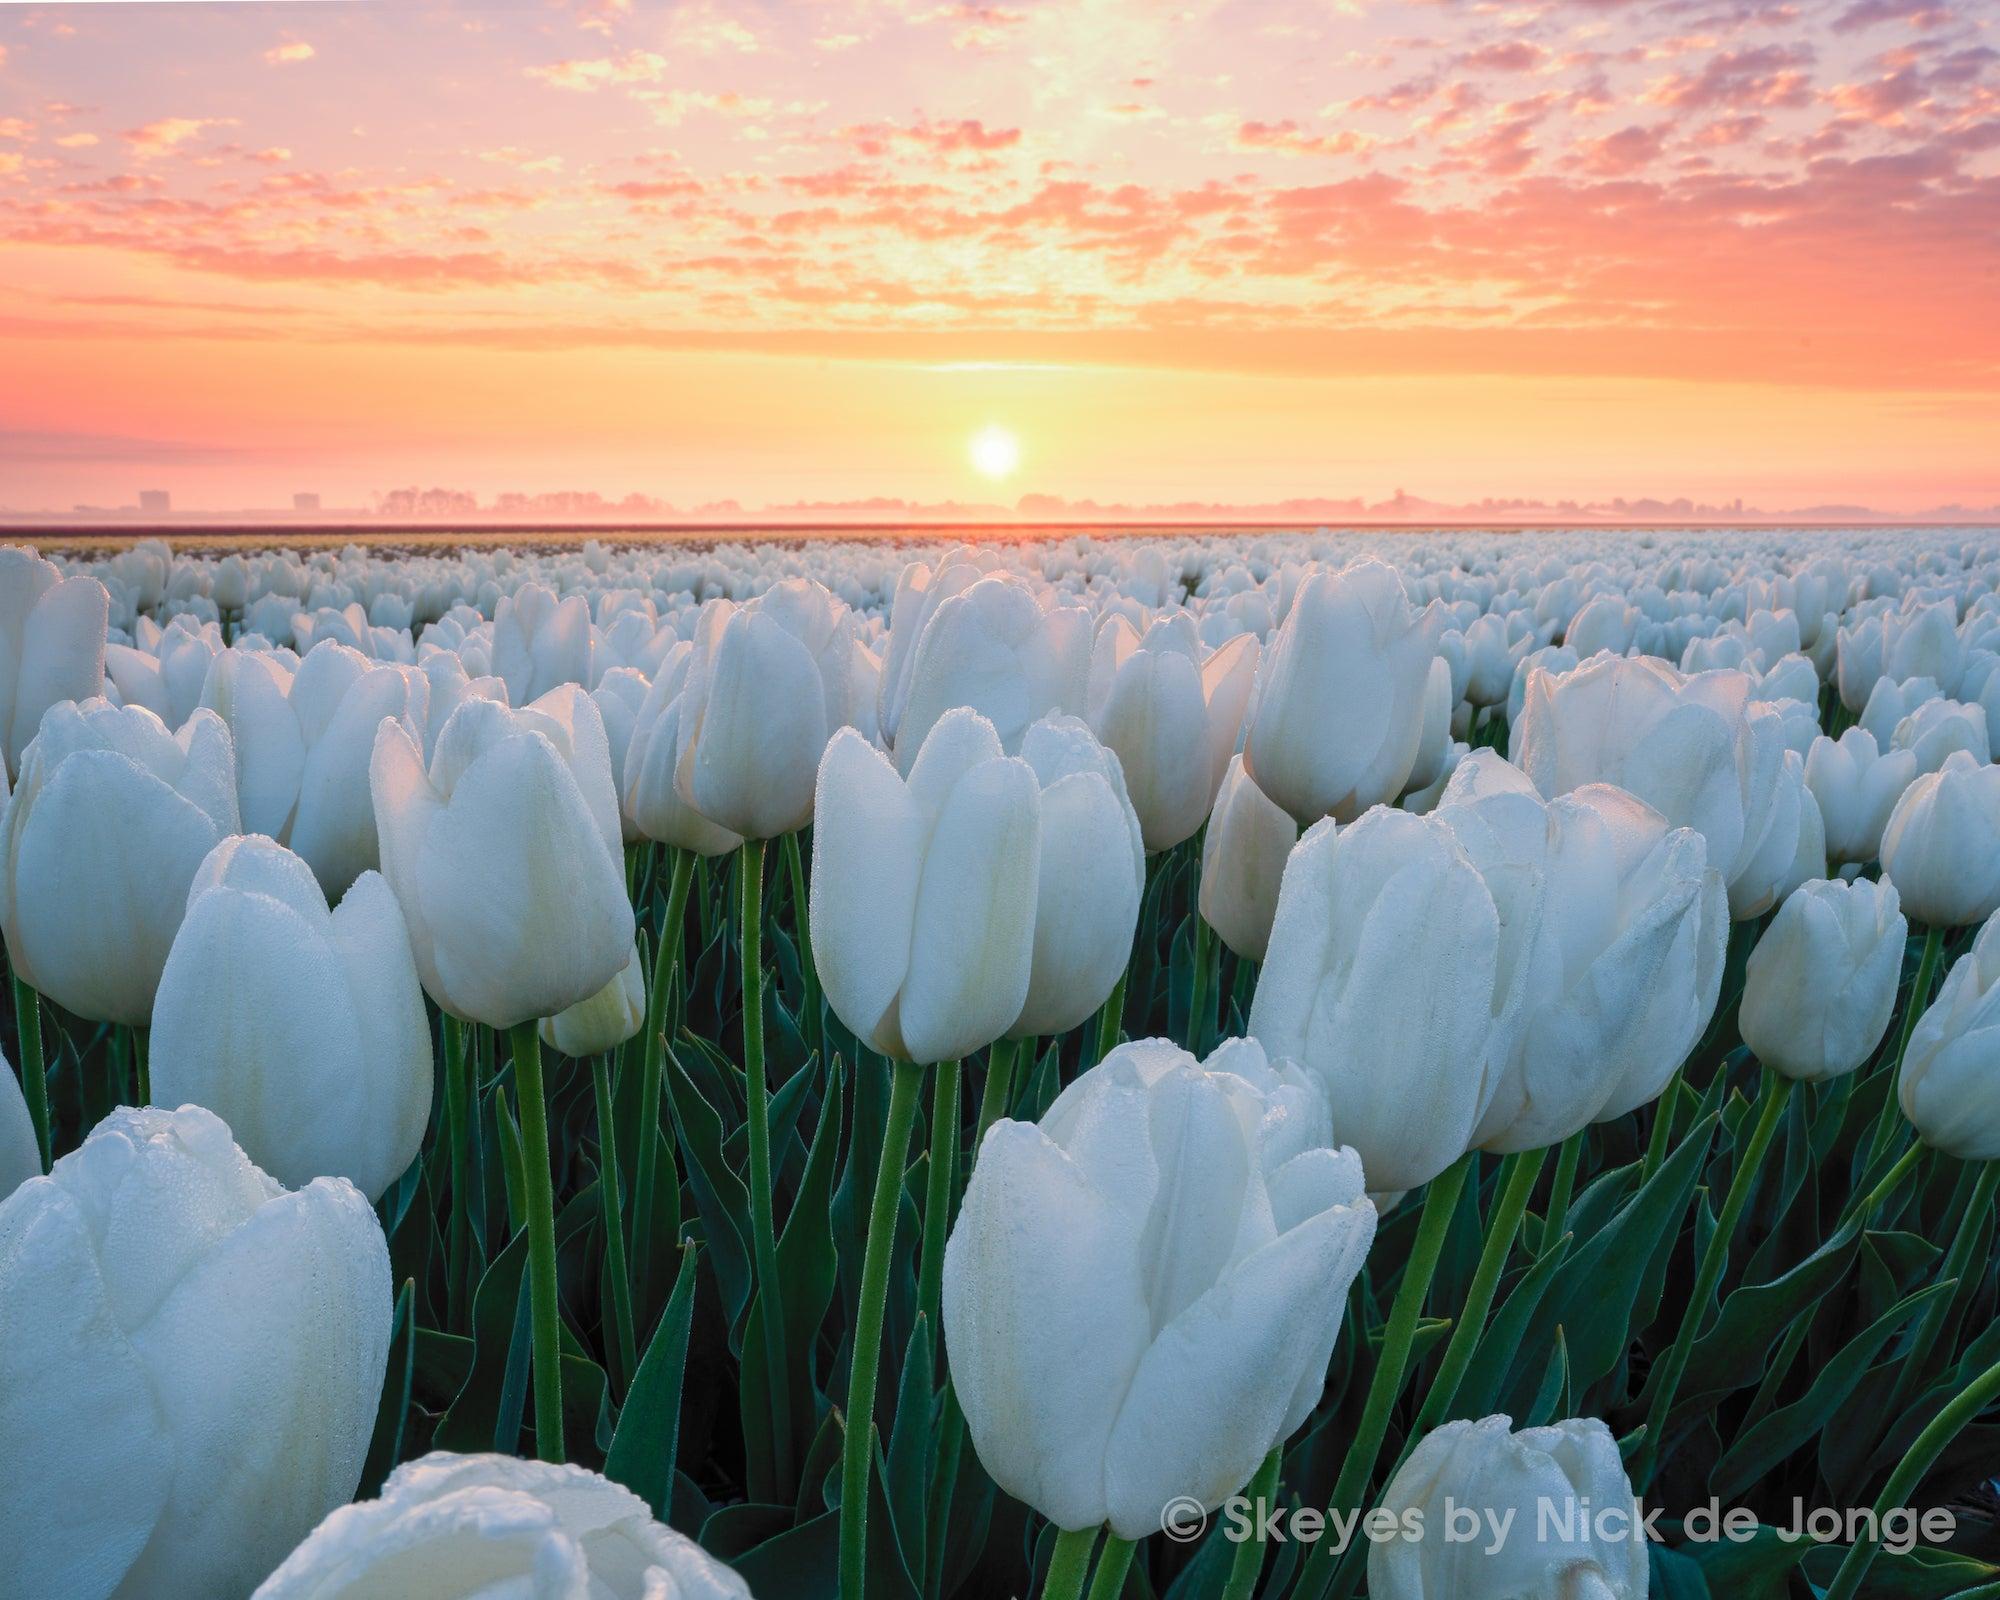 Alpha-Universe-BTS-Tulips-Nick-De-Jonge-4.jpg